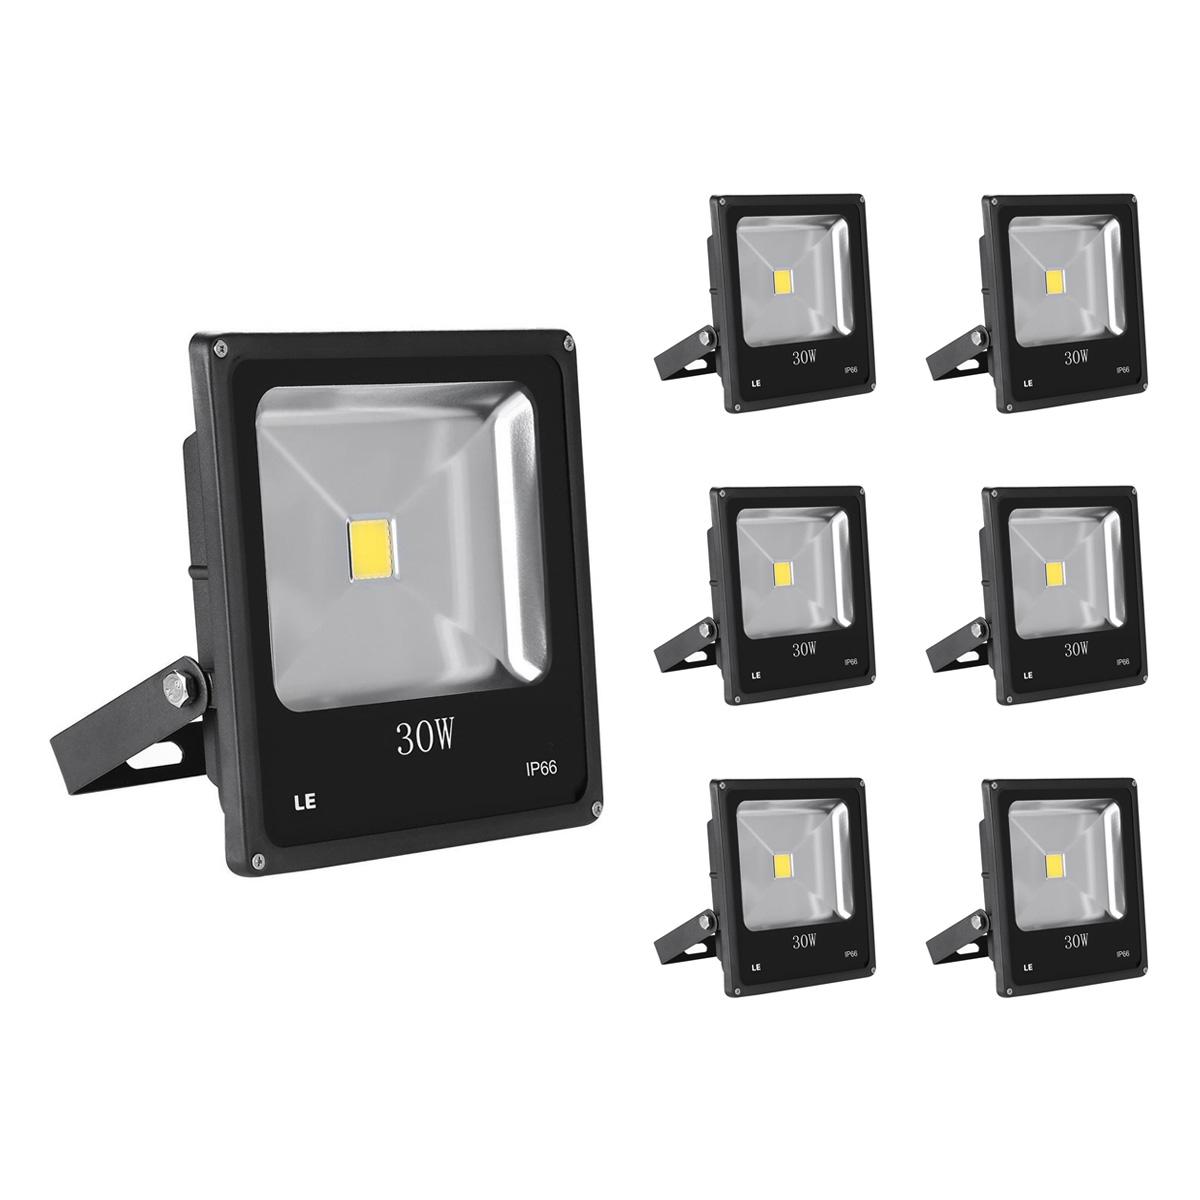 [Bündel] 30W LED Strahler, 2250lm Scheinwerfer, ersetzt 75W HS Lampe, Kaltweiß, Wasserdicht, Außenleuchten, 6er Set